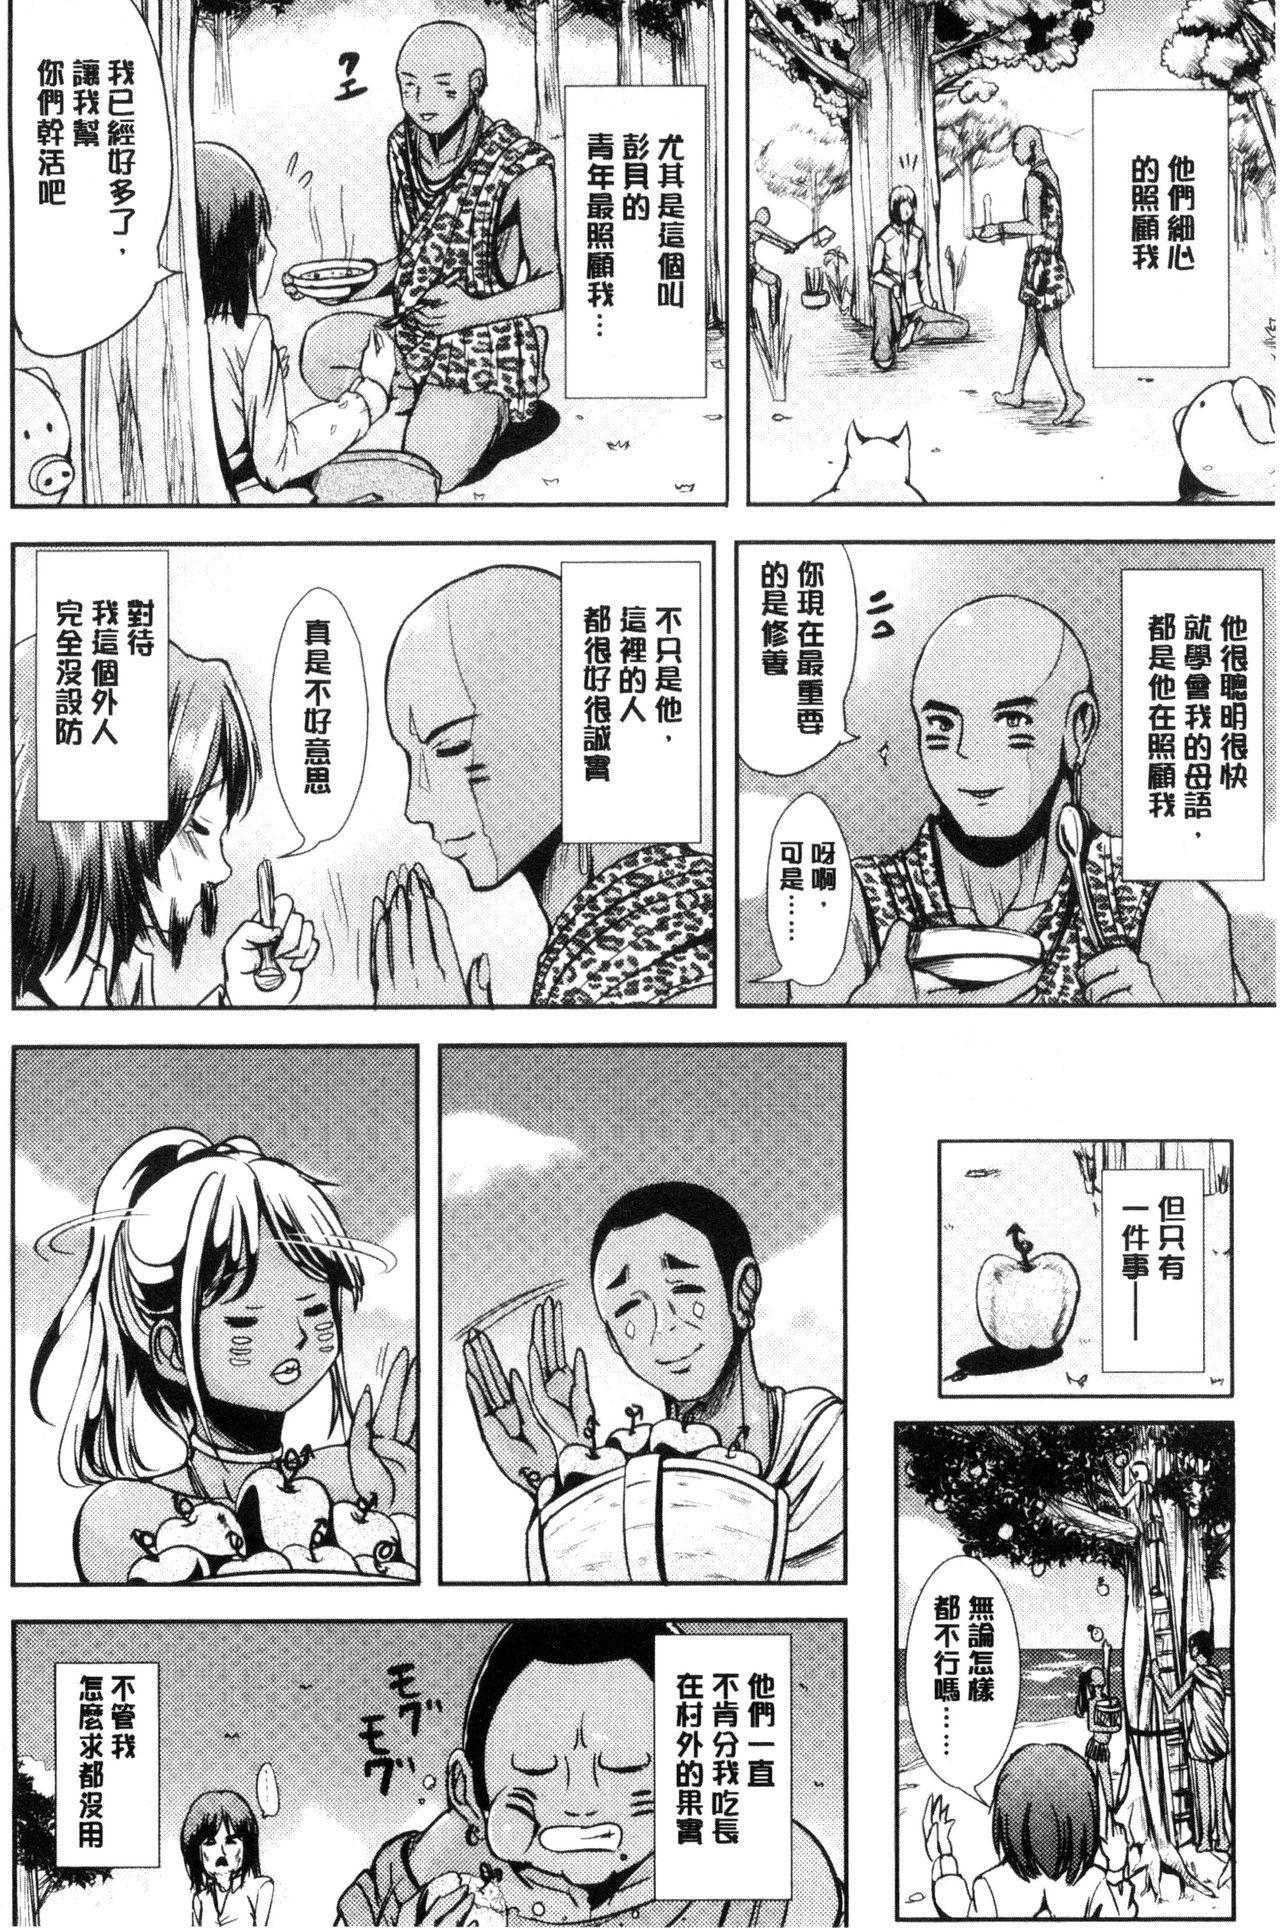 [Marneko] Onnanoko Supple ~Seitenkan Shite Hoken no Jugyou~   女孩子補給品 性轉換之後保健的授業 [Chinese] 81